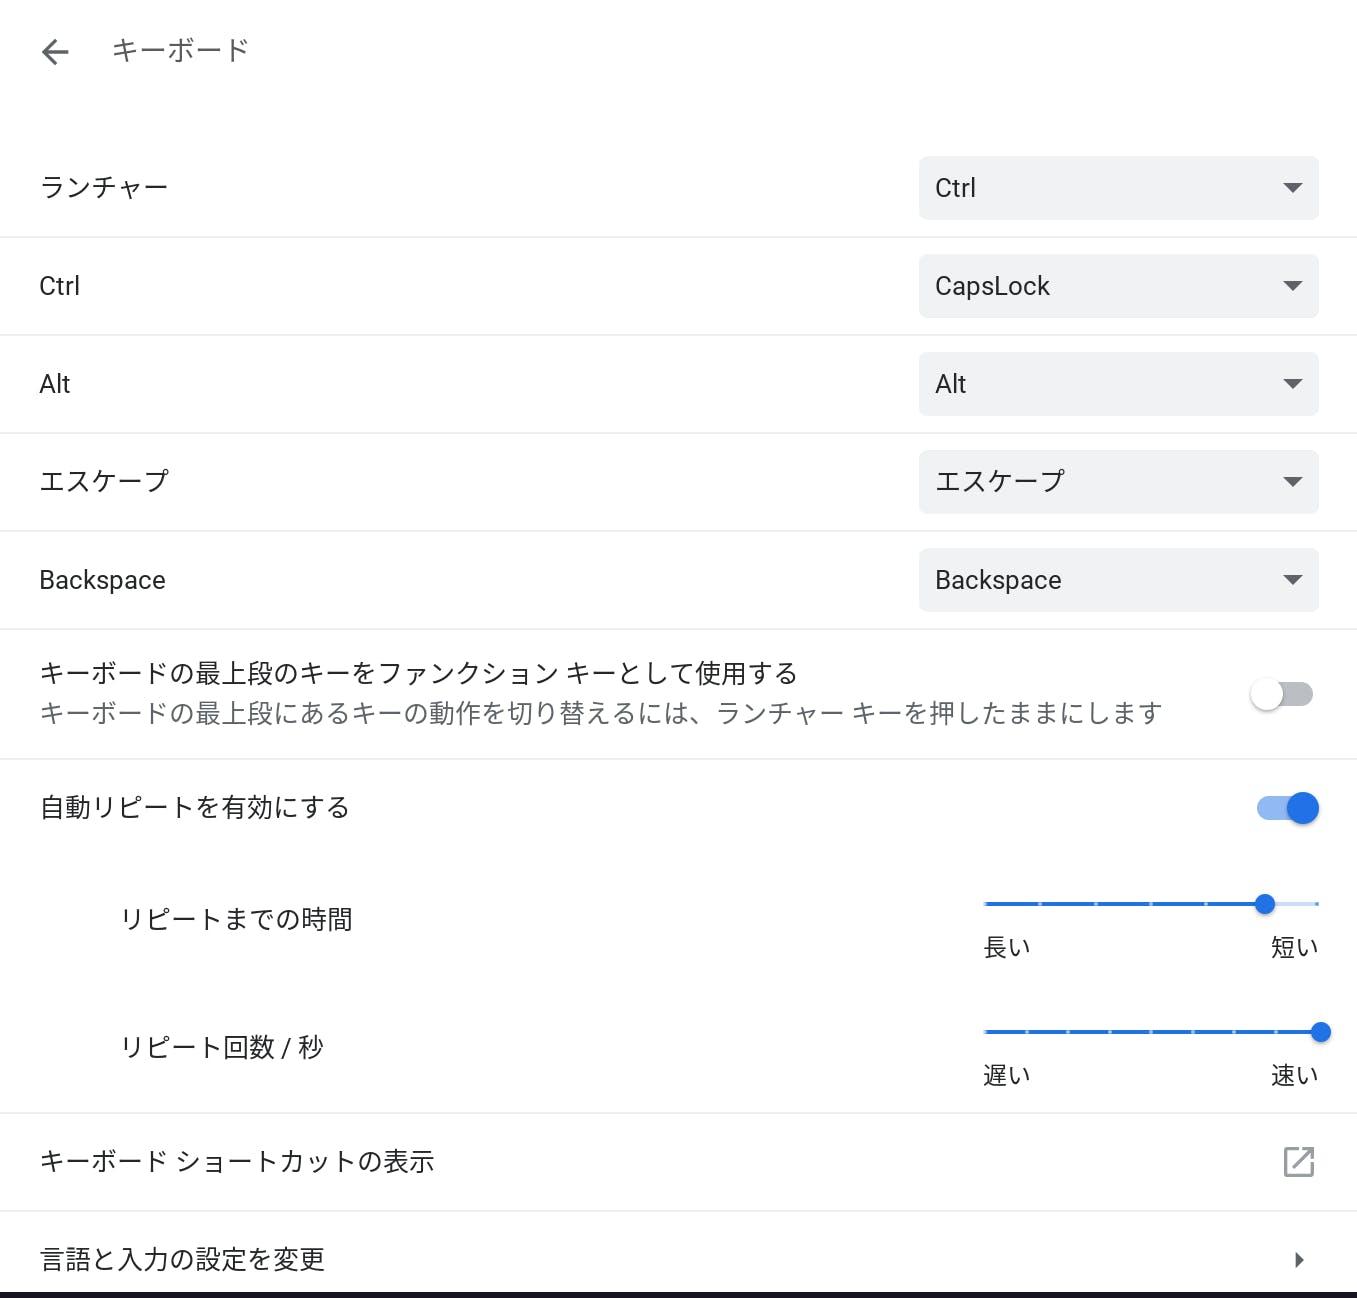 Chrome OSを開発機にするまでの道のり - Qiita